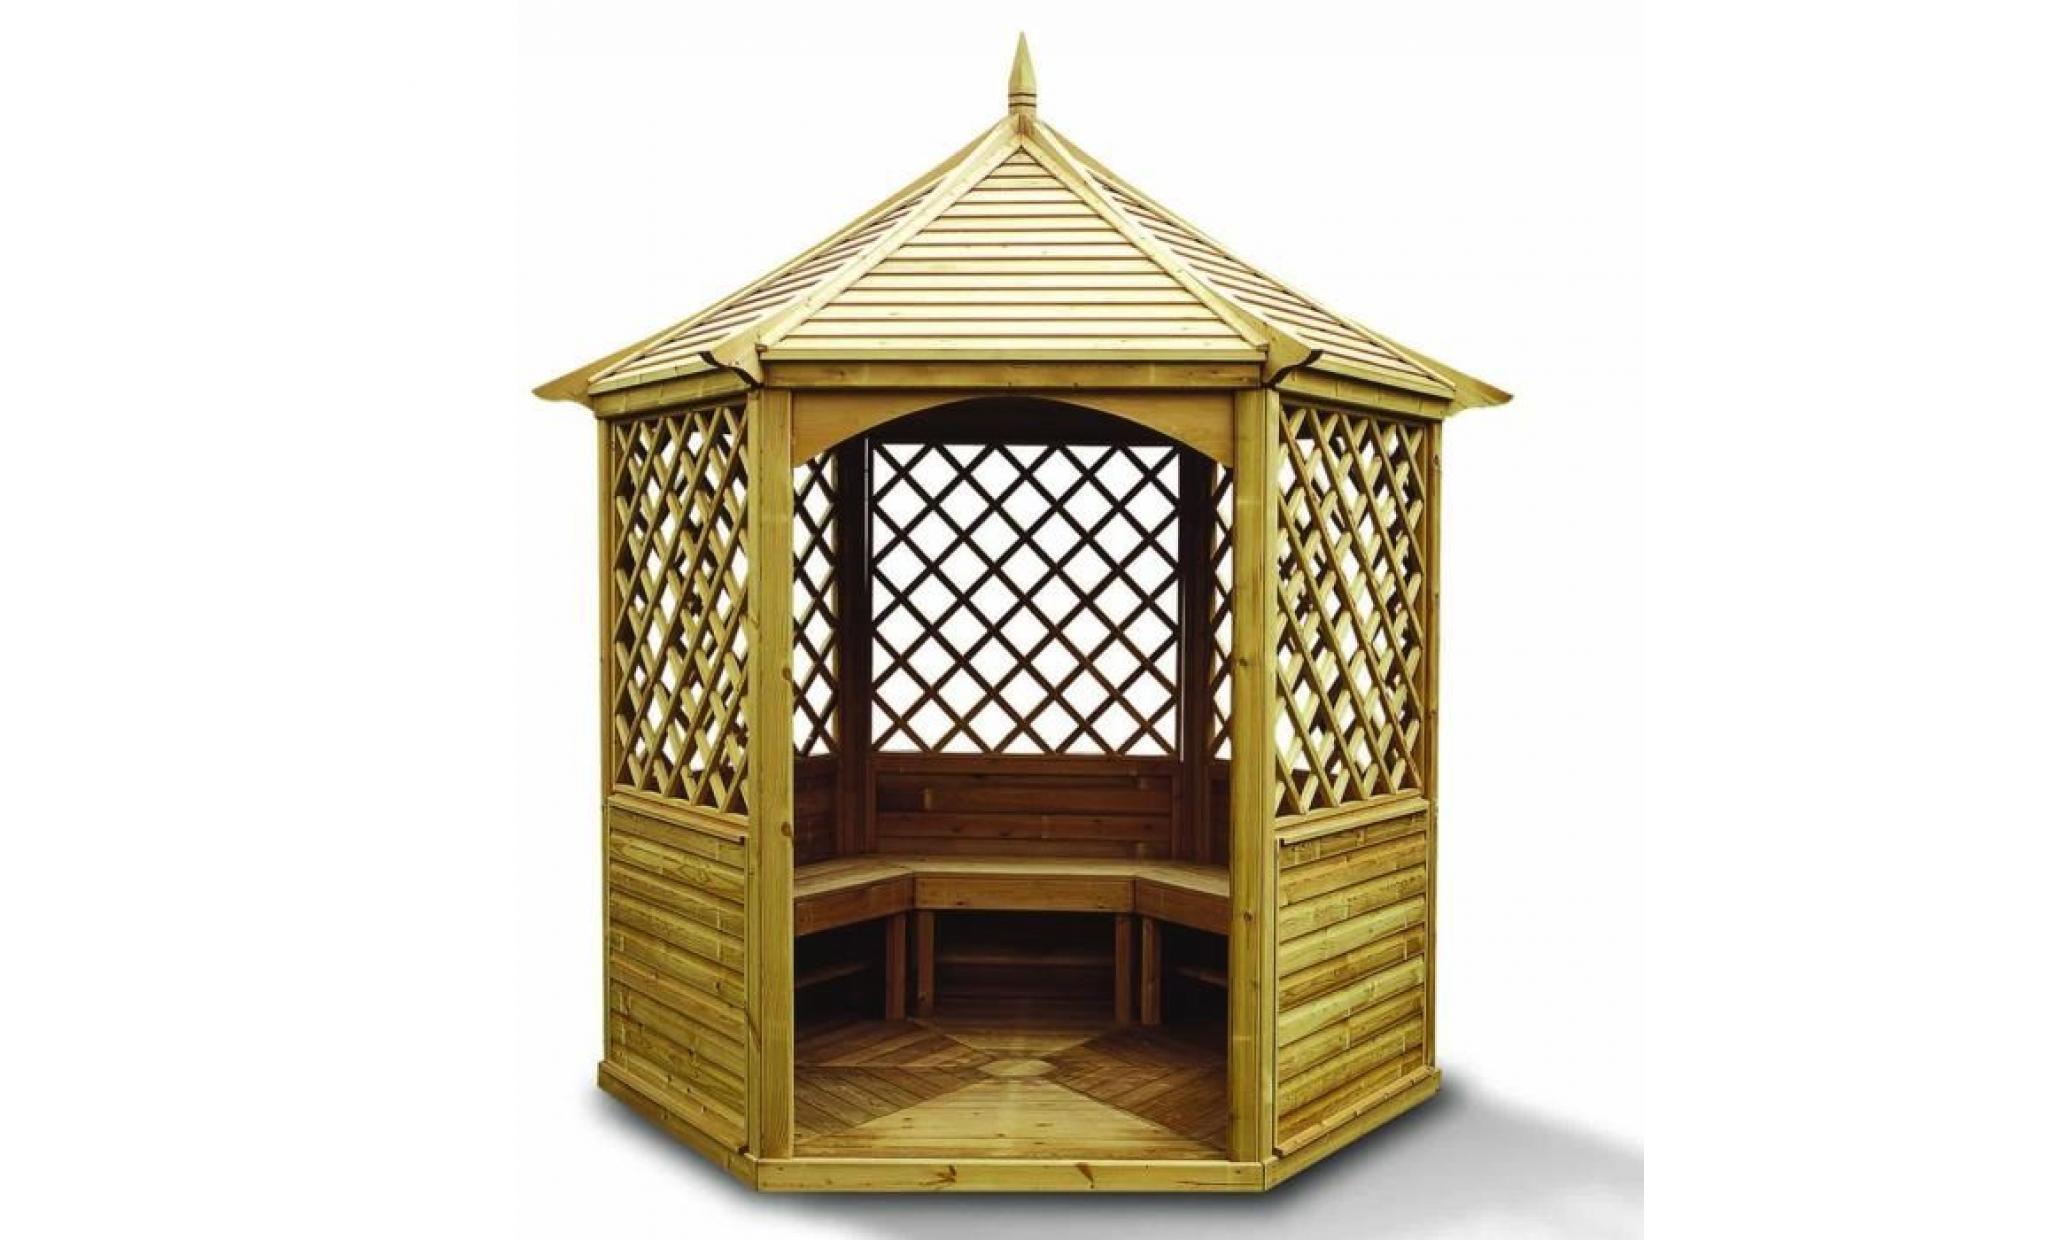 Kiosque De Jardin En Bois Pas Cher - Idees Conception Jardin | Idees Conception Jardin